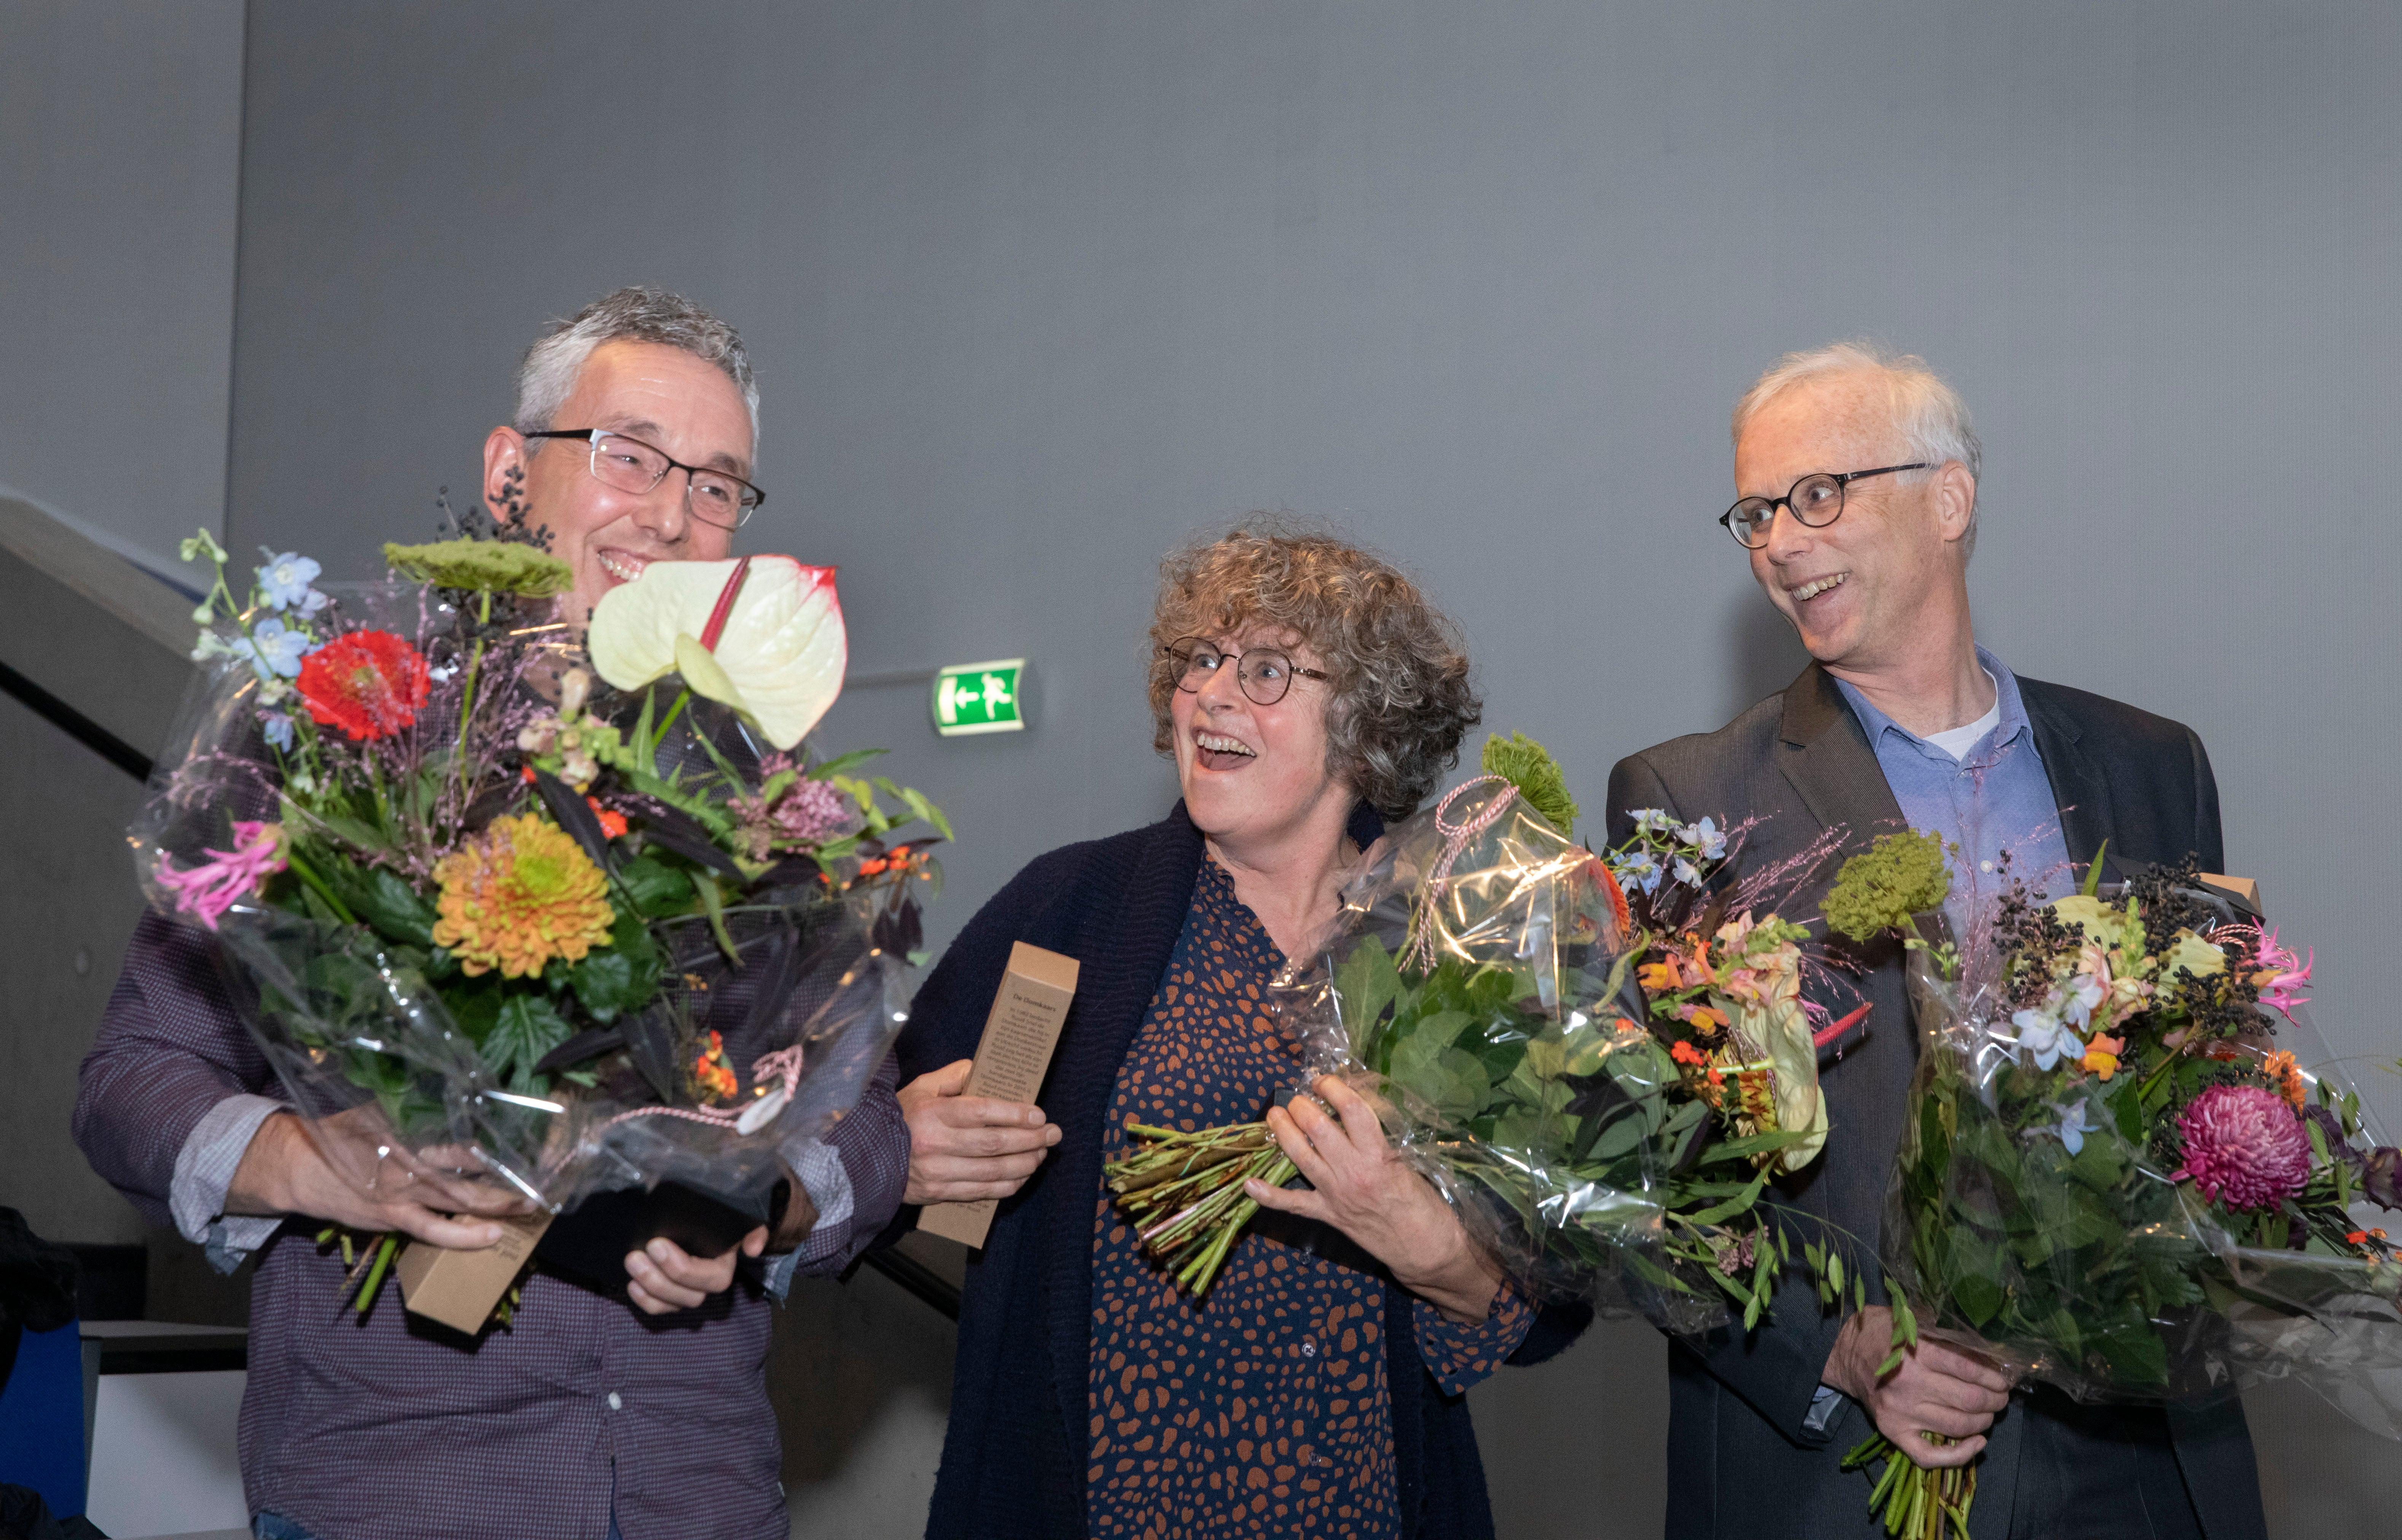 Prijswinnaars tijdens het Hijmans van den Bergh Symposium - Geert Ramakers, Isabel Thunnissen en Joost Koedam